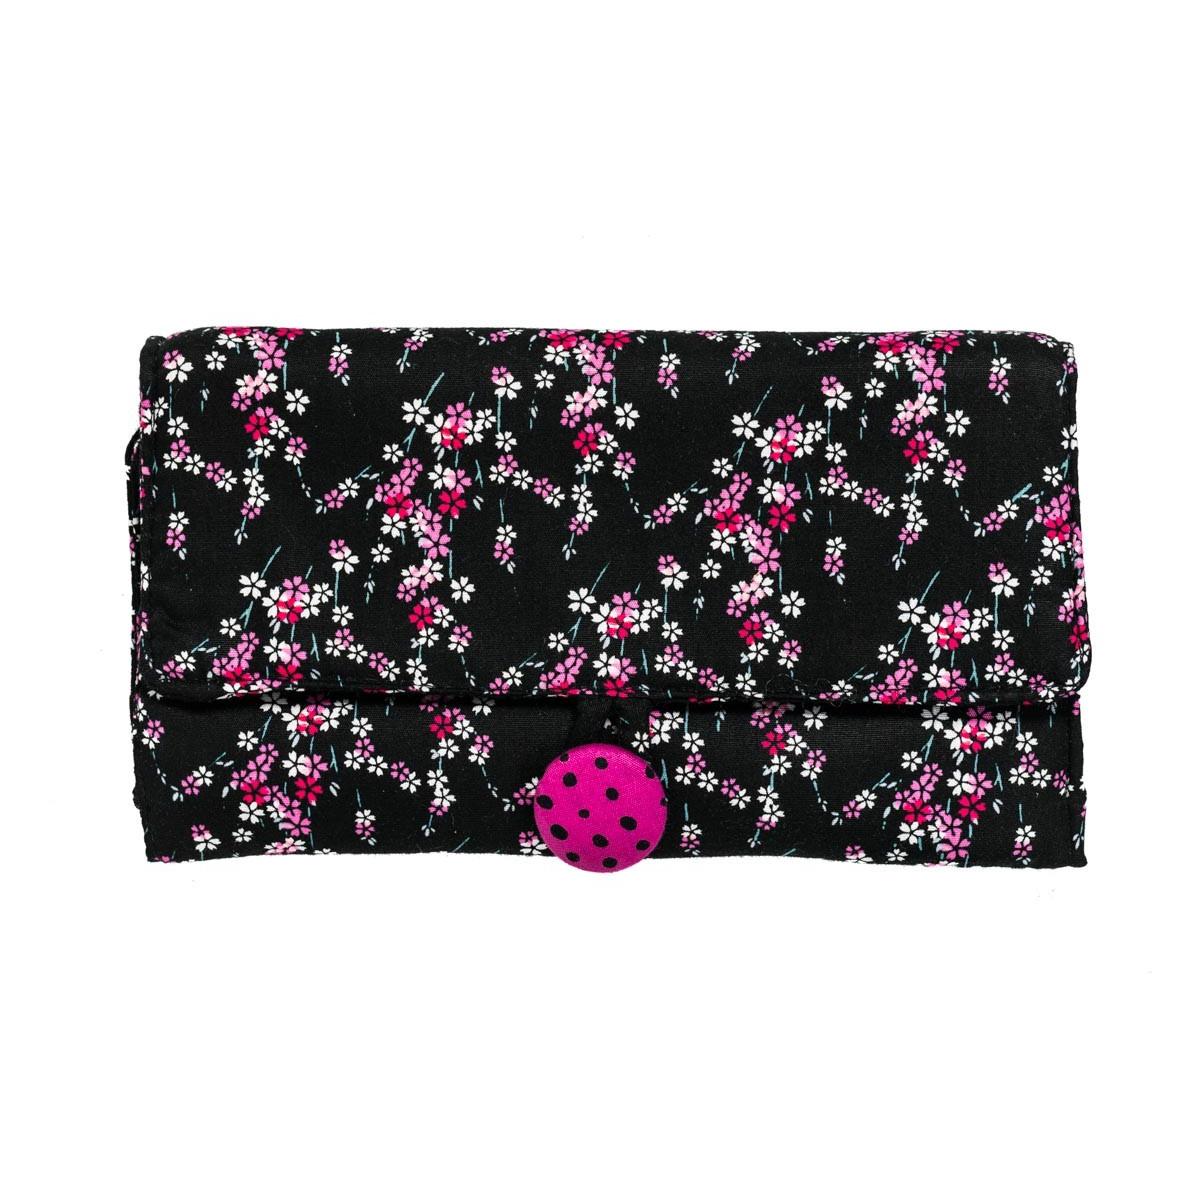 Pochette à bijoux de voyage coton créateur fleurs rose et noir